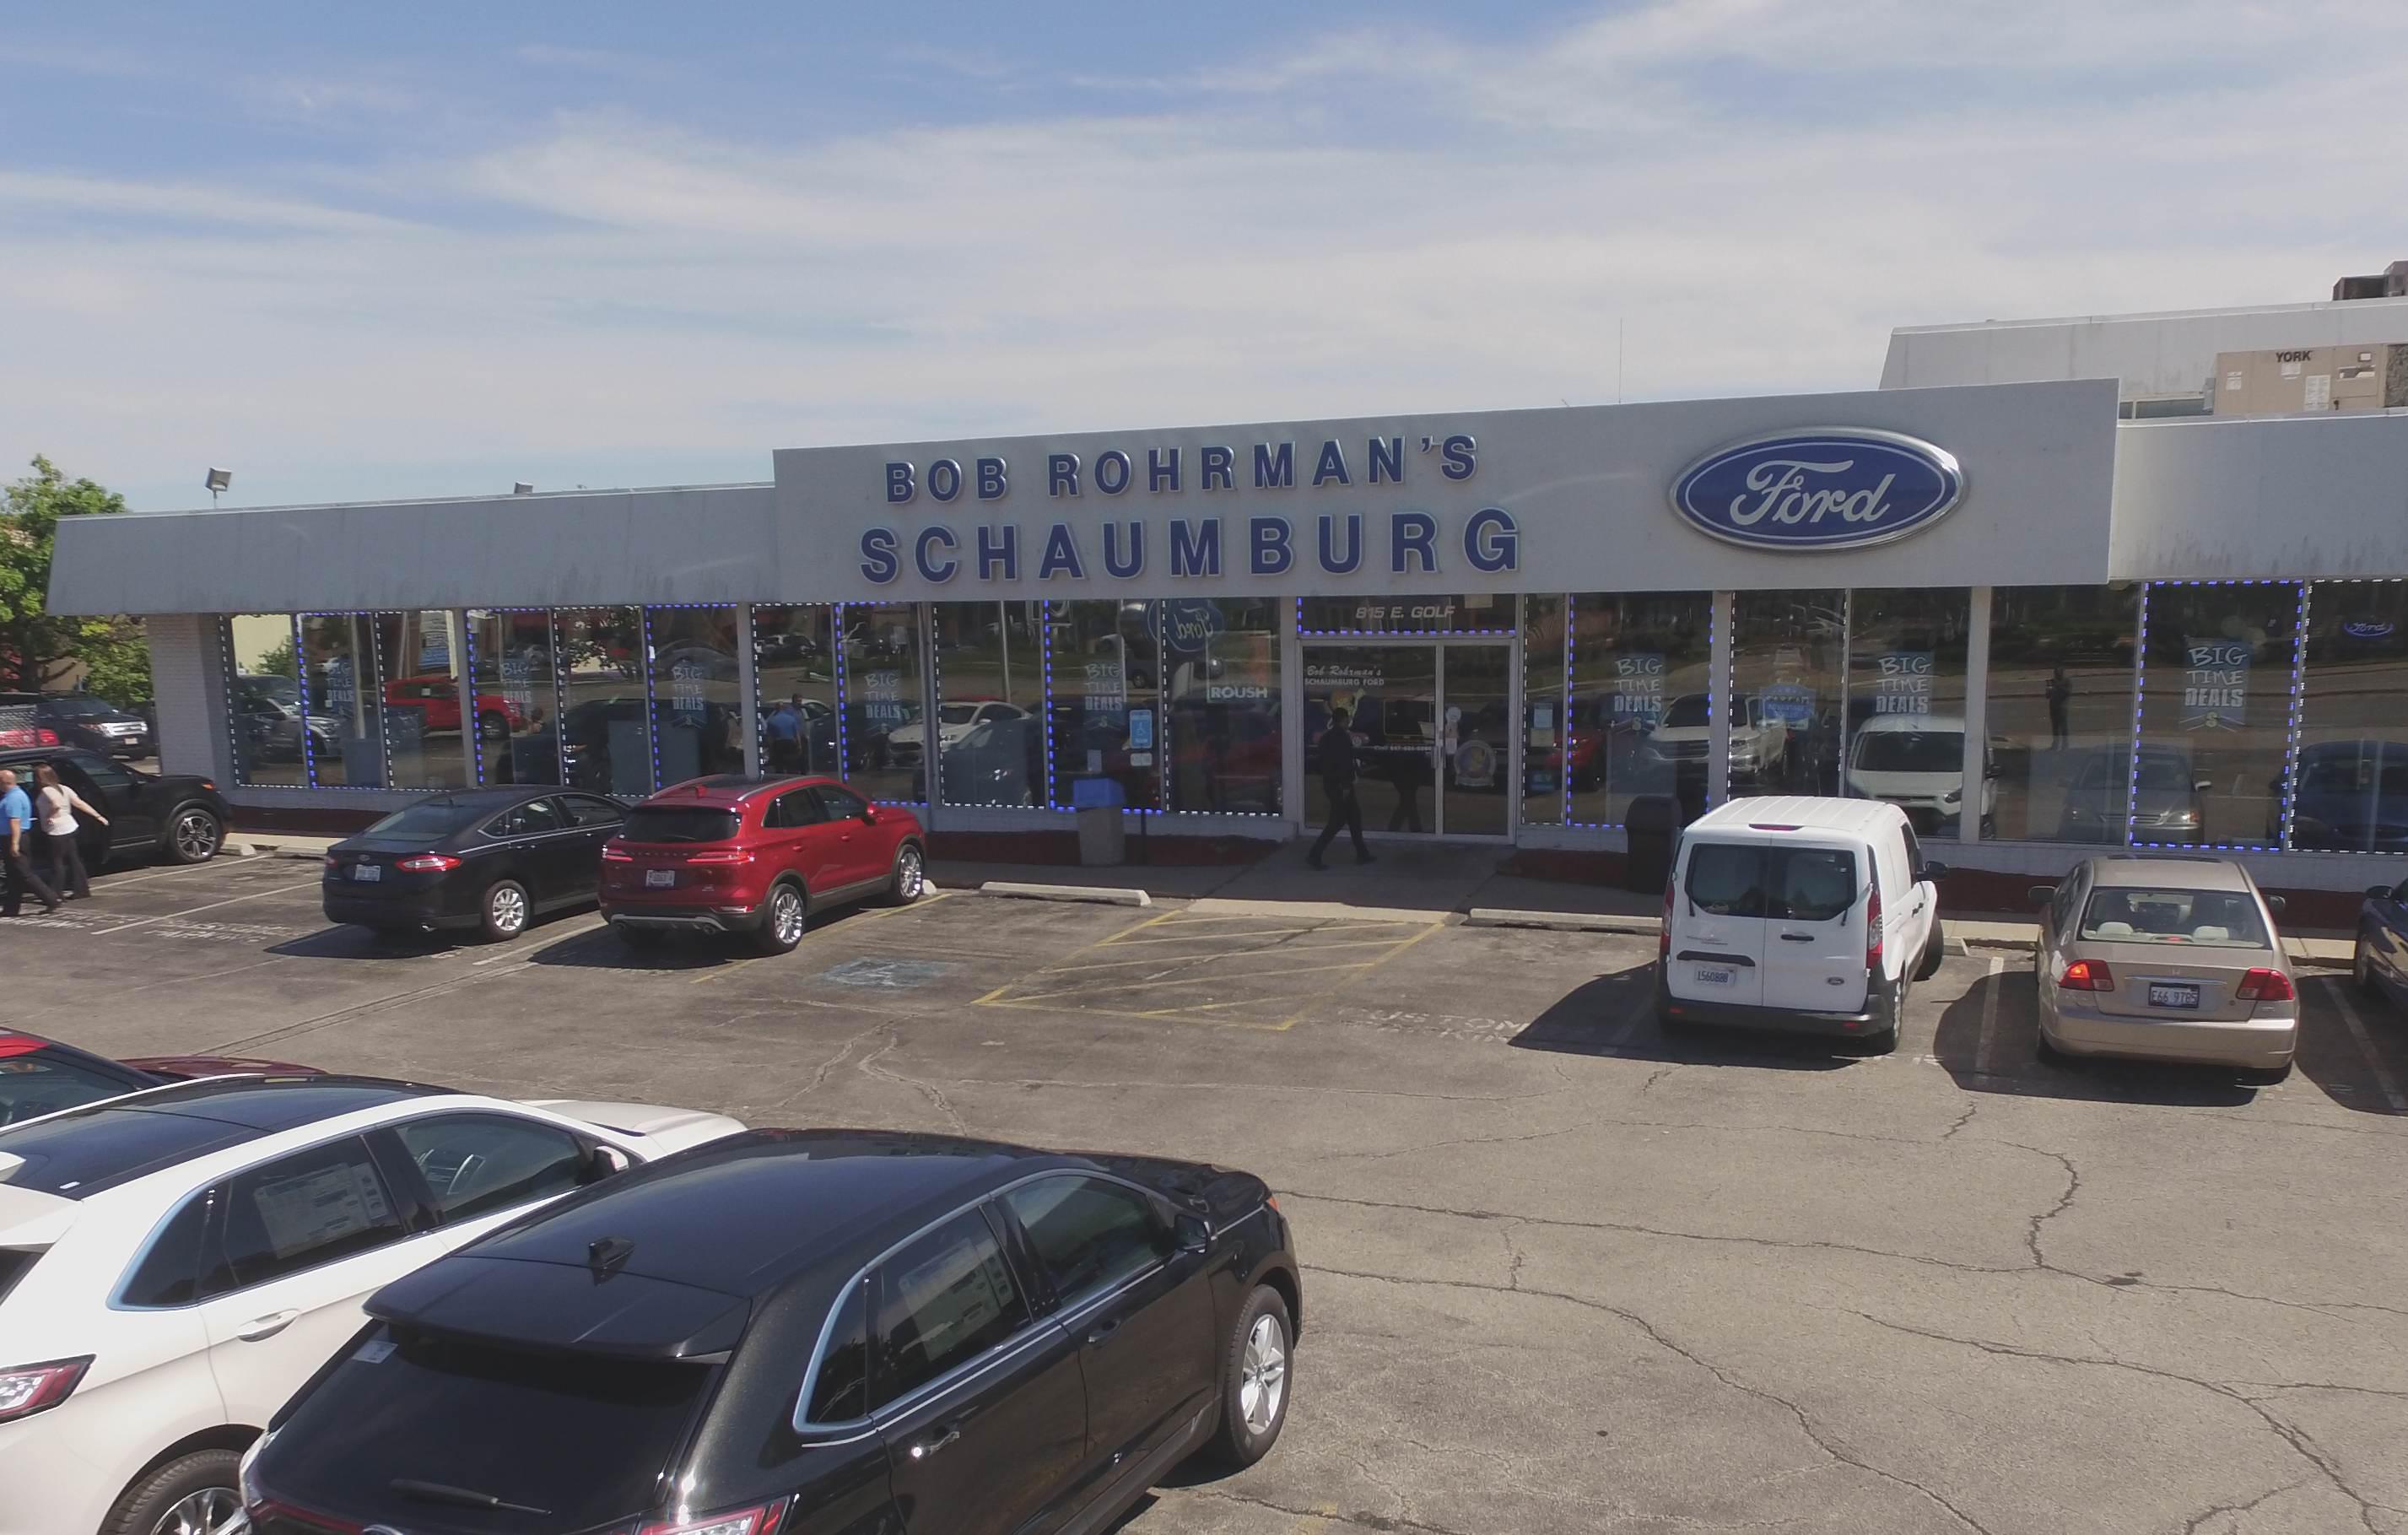 Bob Rohrman Schaumburg Ford 815 E Golf Rd Schaumburg Il 60173 Yp Com